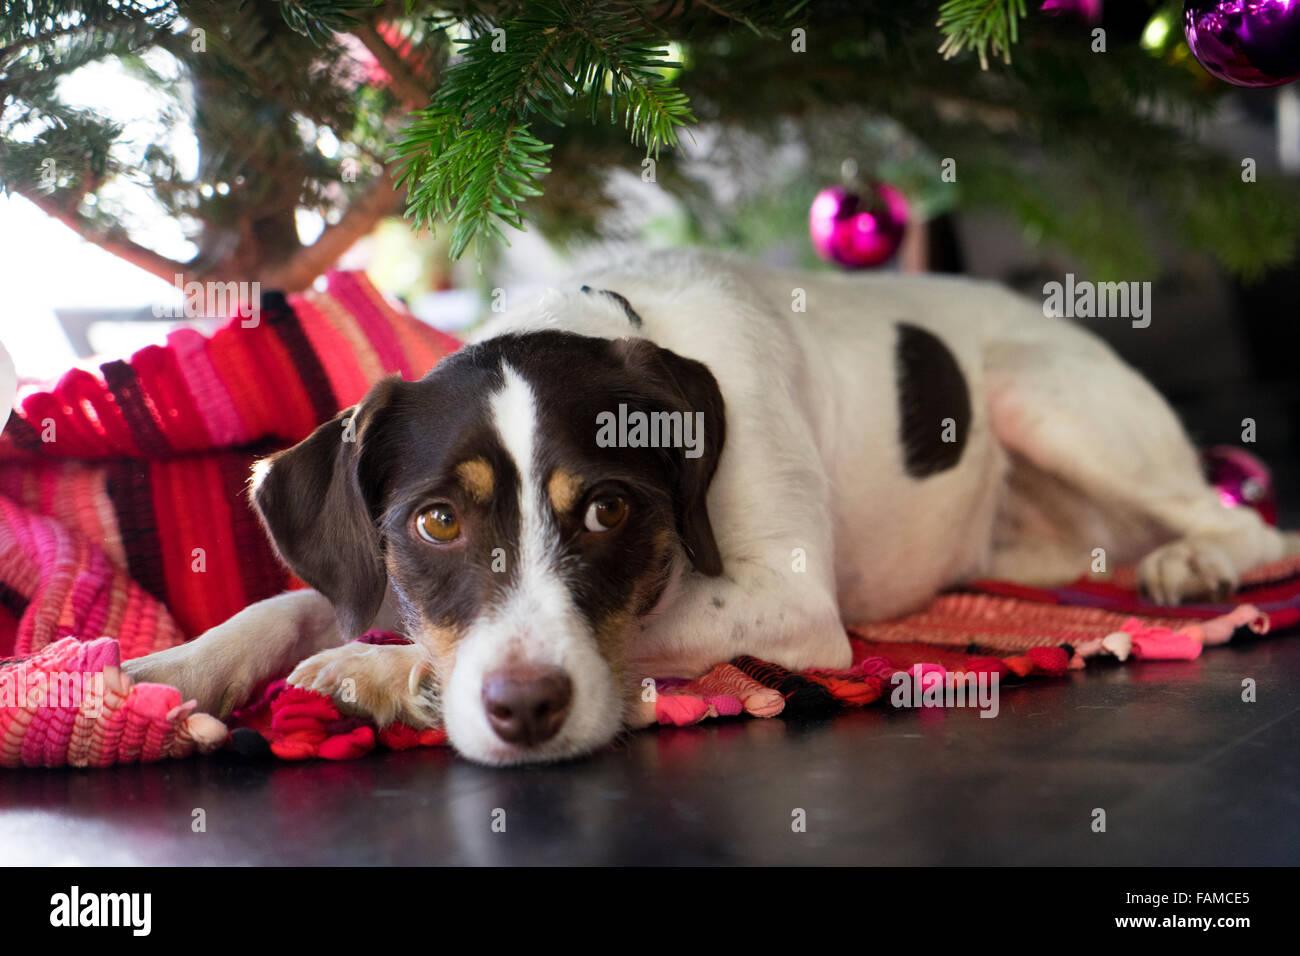 dog under christmas tree - Stock Image